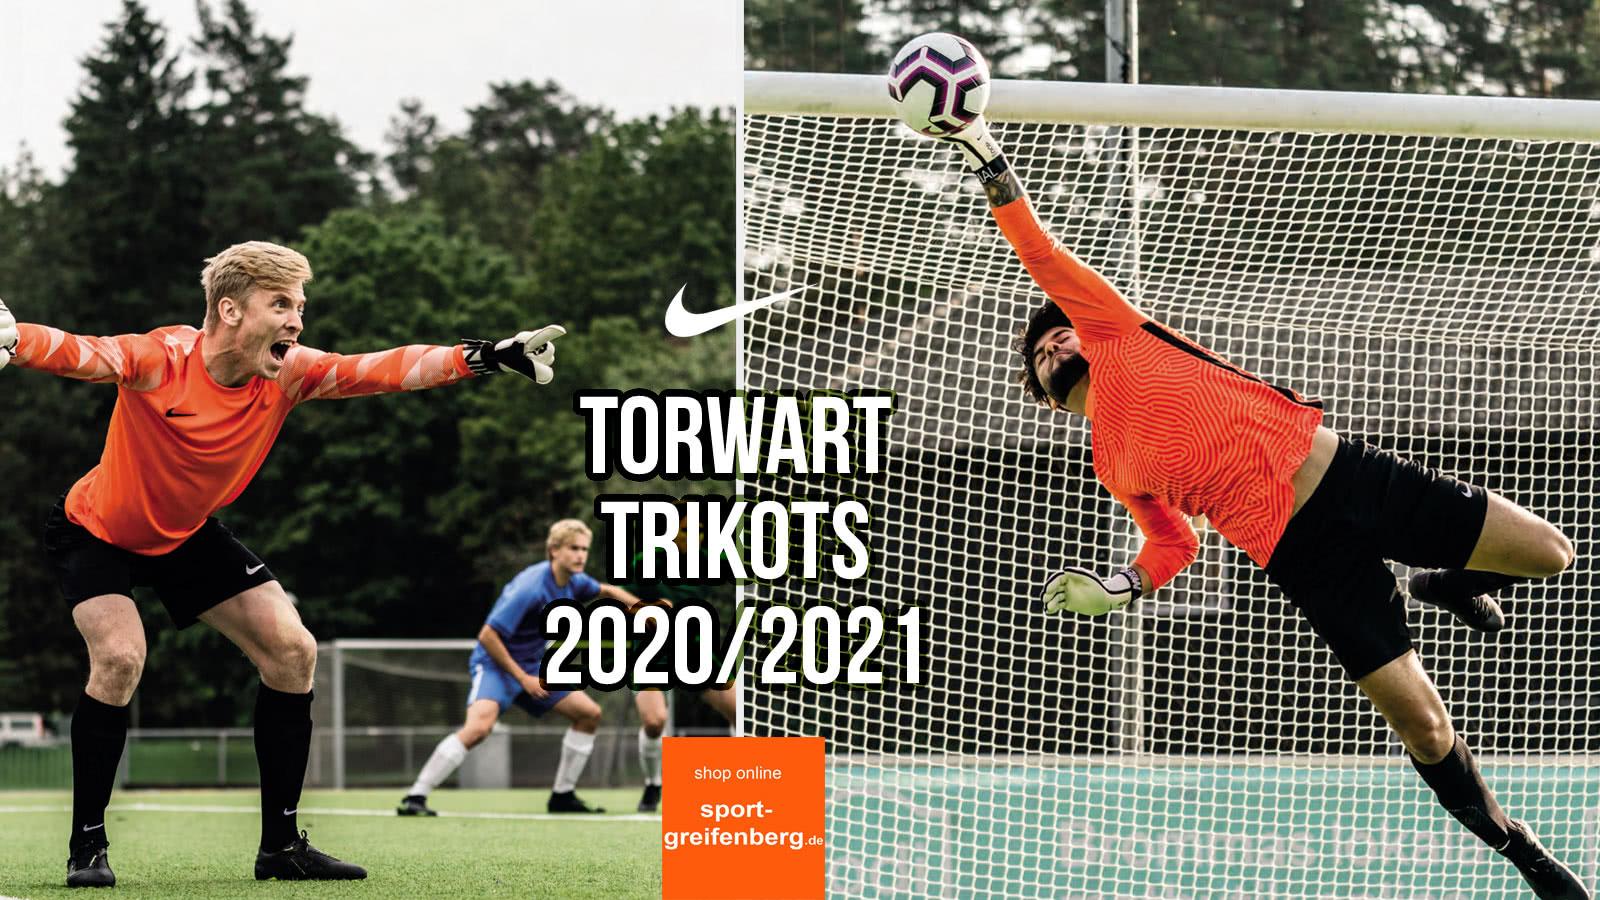 Die Nike Torwart Trikots 2020/2021 mit dem Gardien III und dem Park VII Jersey